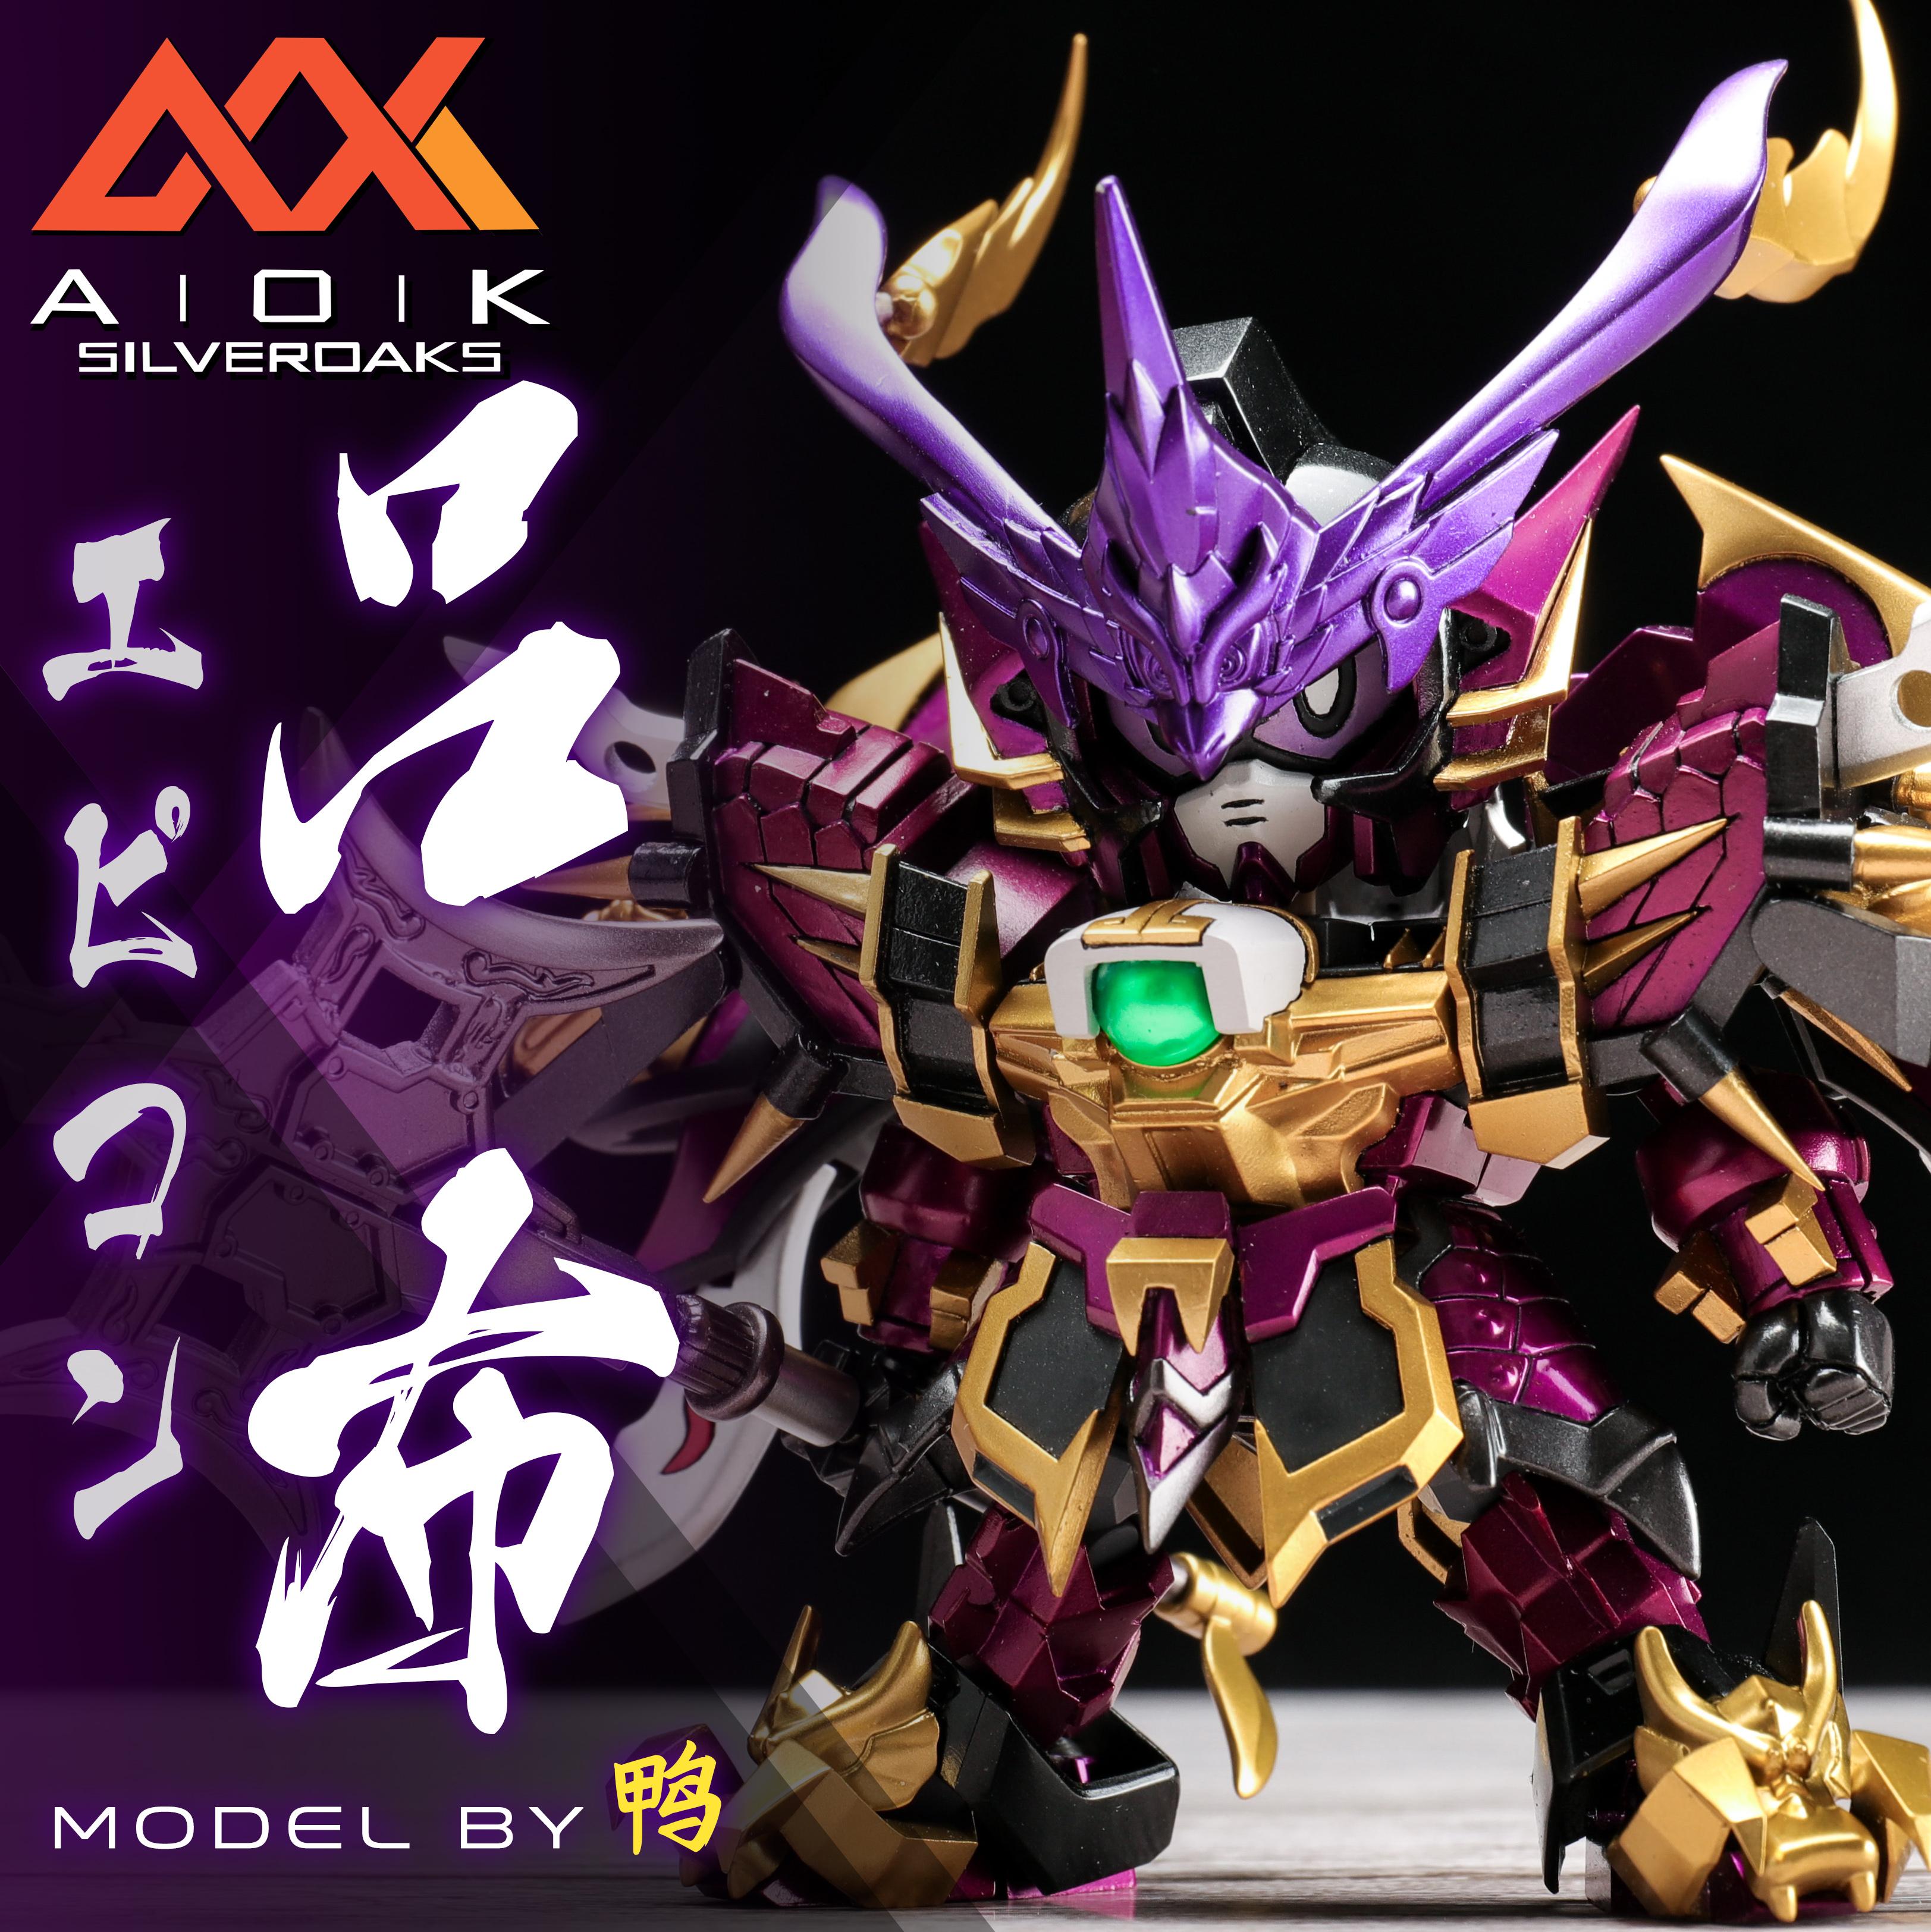 G406_SD_ryofu_001.jpg